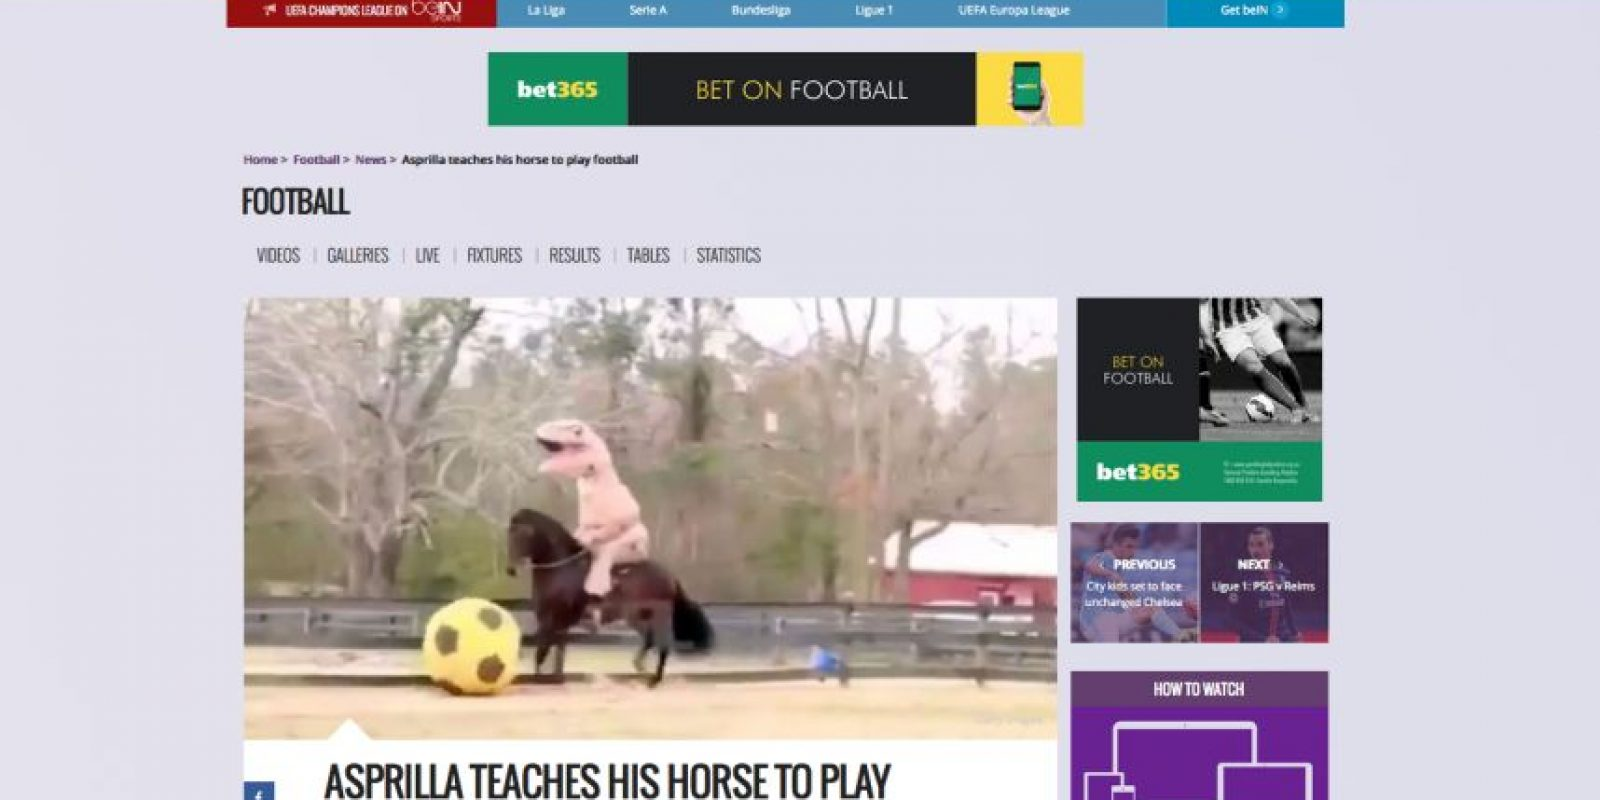 Foto:Captura de pantalla de la página www.beinsports.com